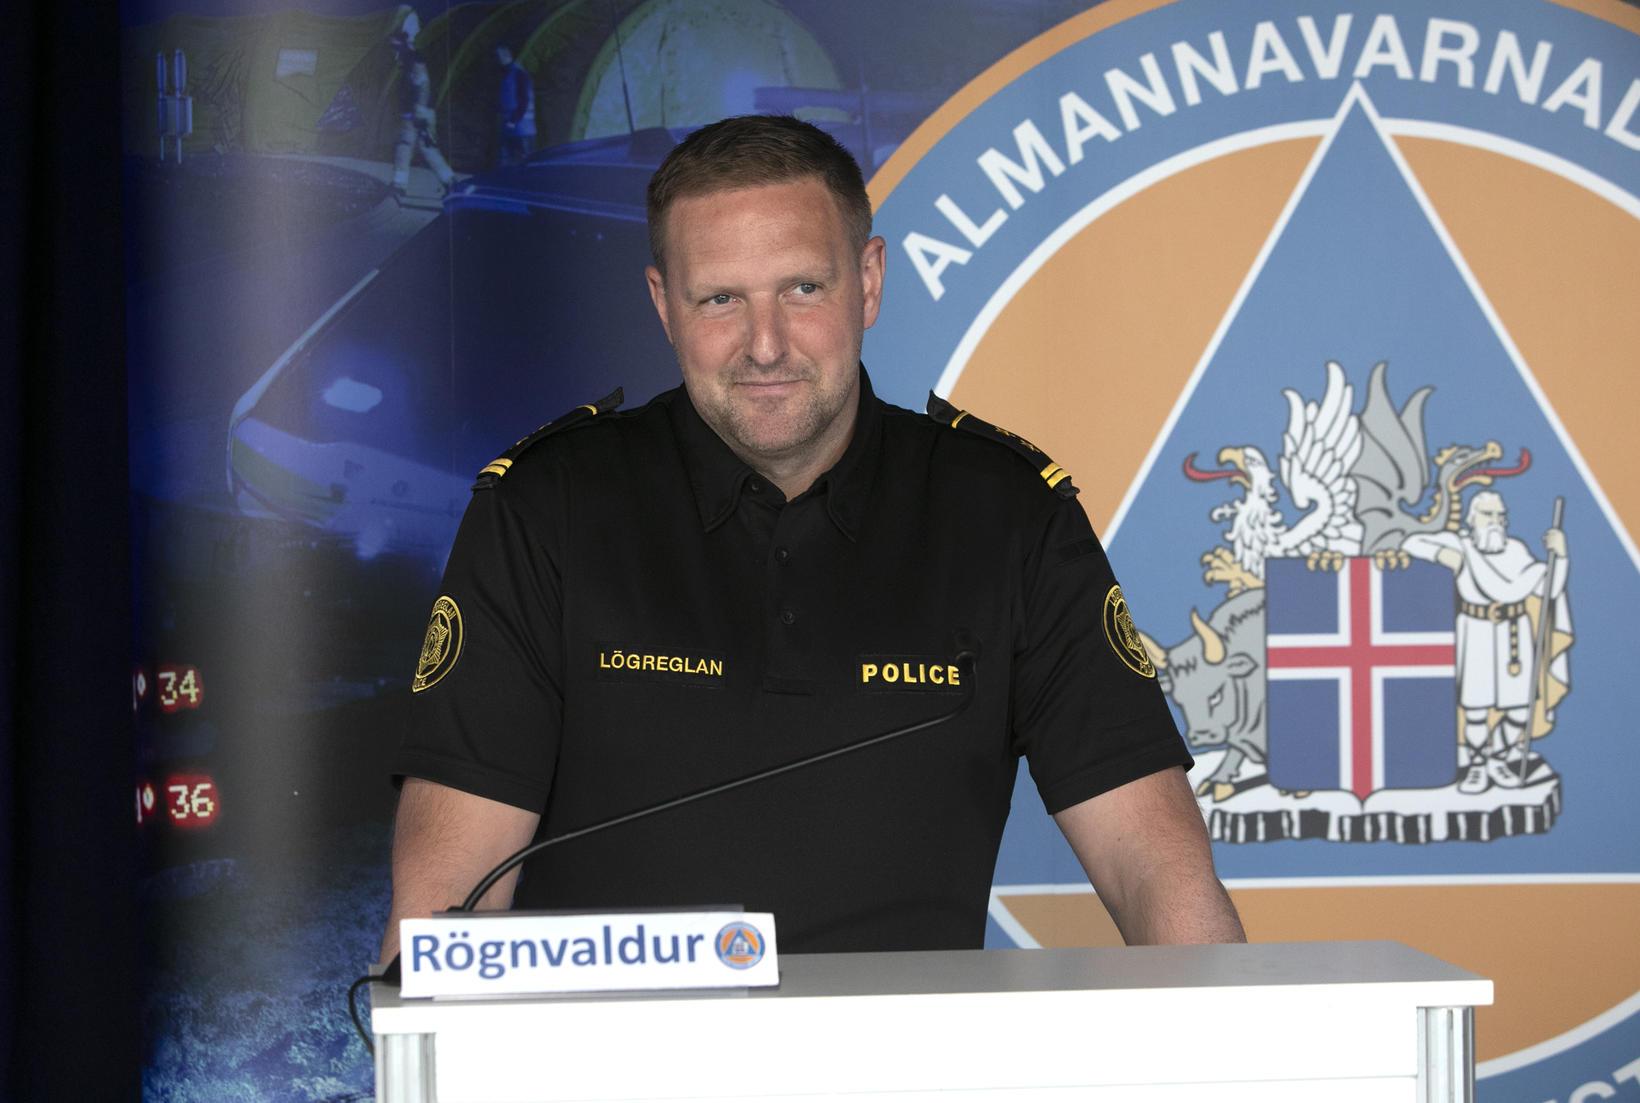 Chief Inspector Rögnvaldur Ólafsson.